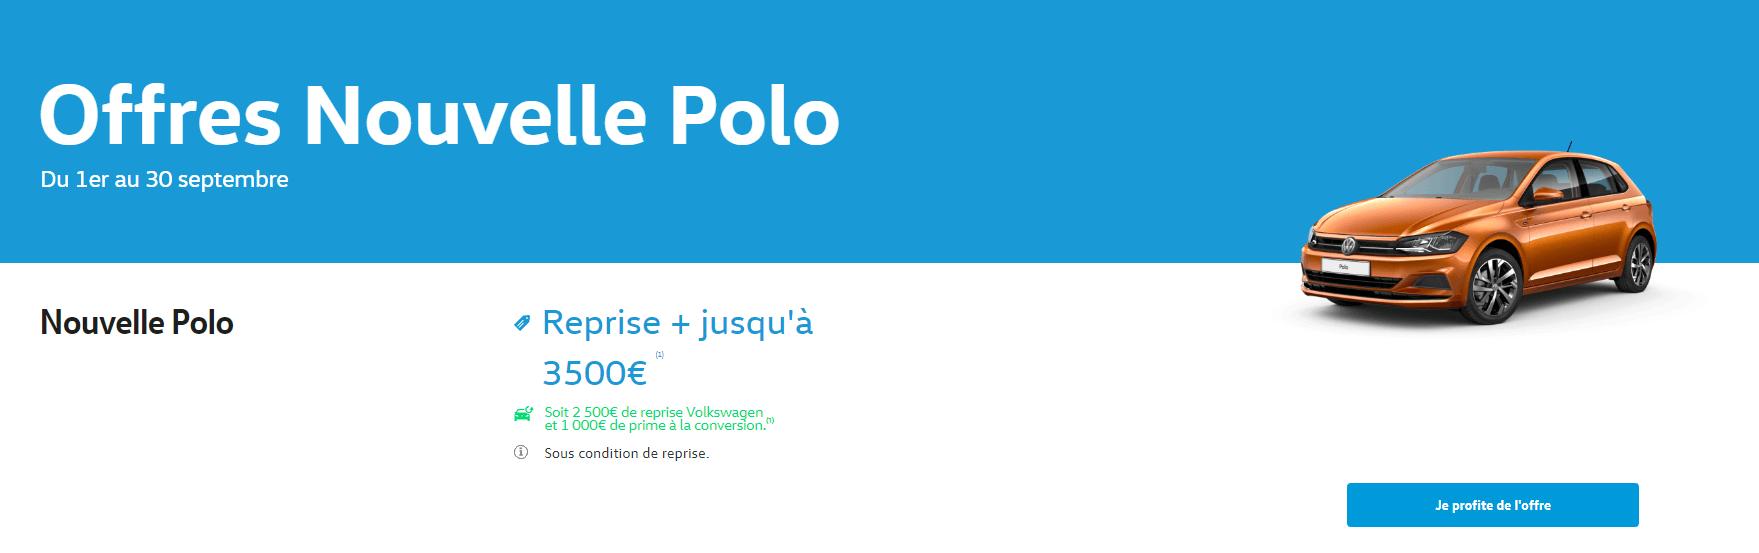 Nouvelle Polo